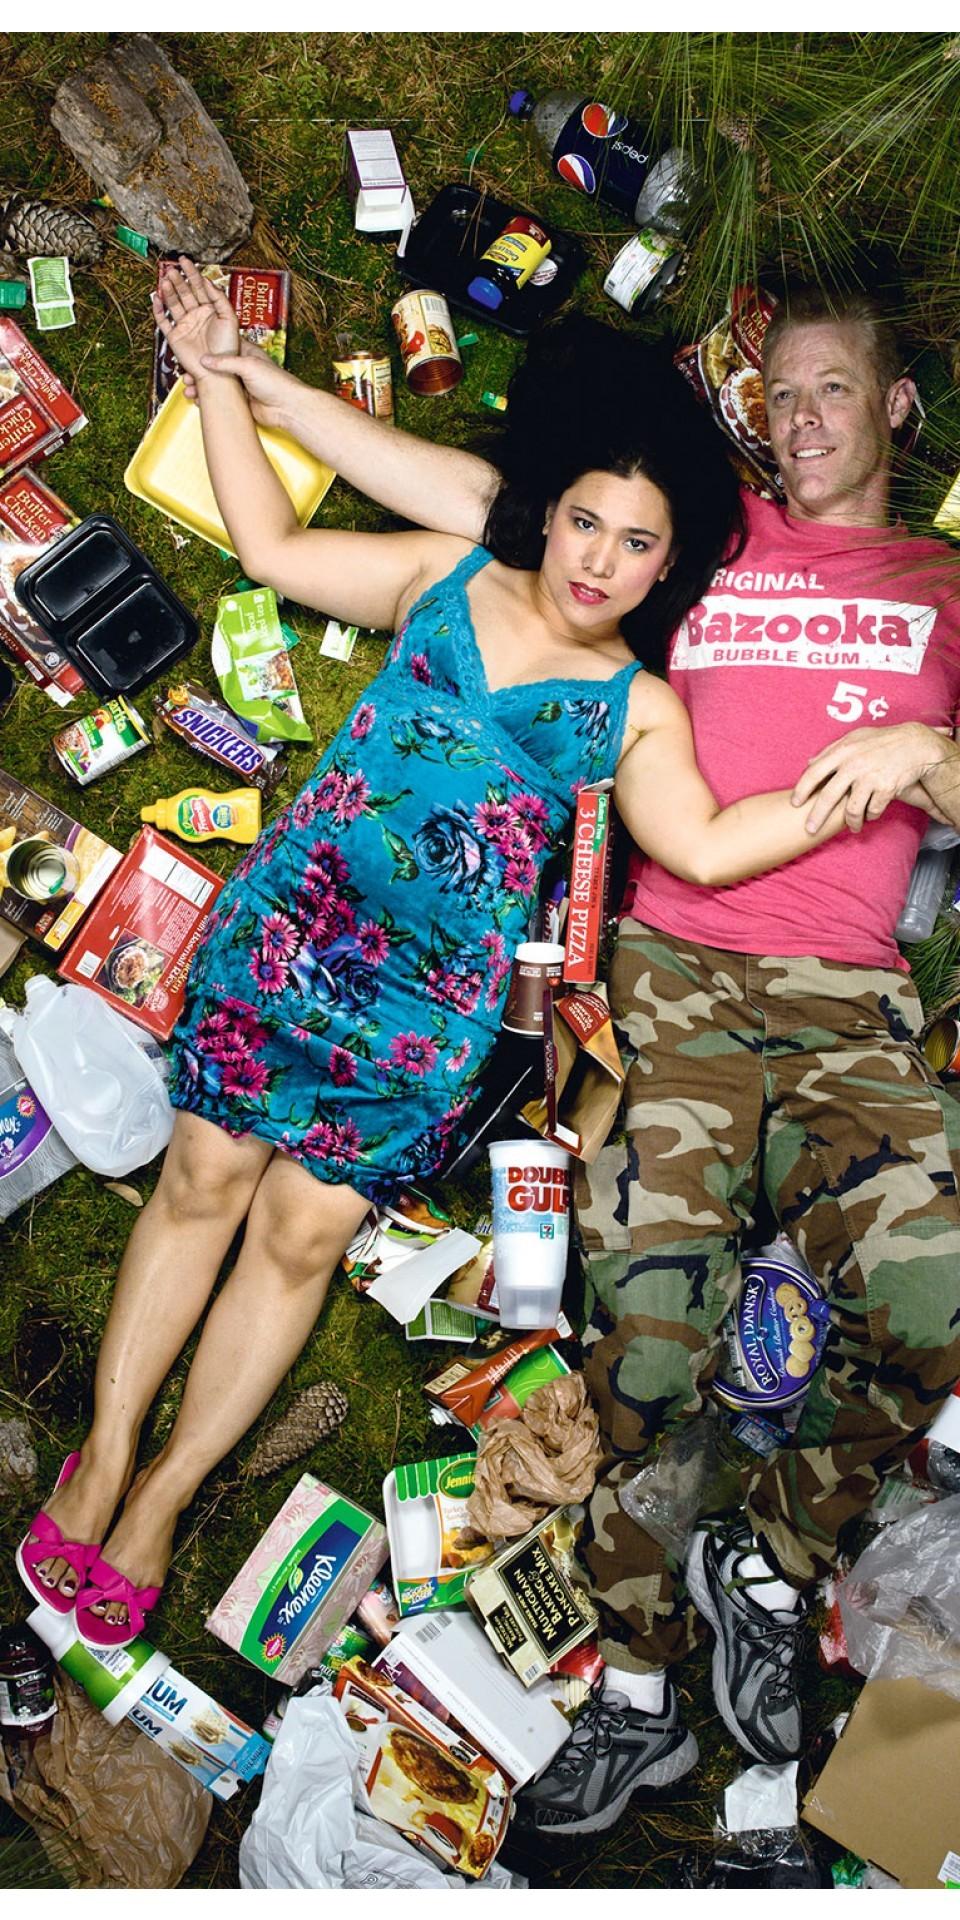 Imagem da série 7 days of garbage, em que o fotógrafo californiano Gregg Segal pediu para que amigos, vizinhos e conhecidos se deitassem em meio ao lixo que produziram durante uma semana.